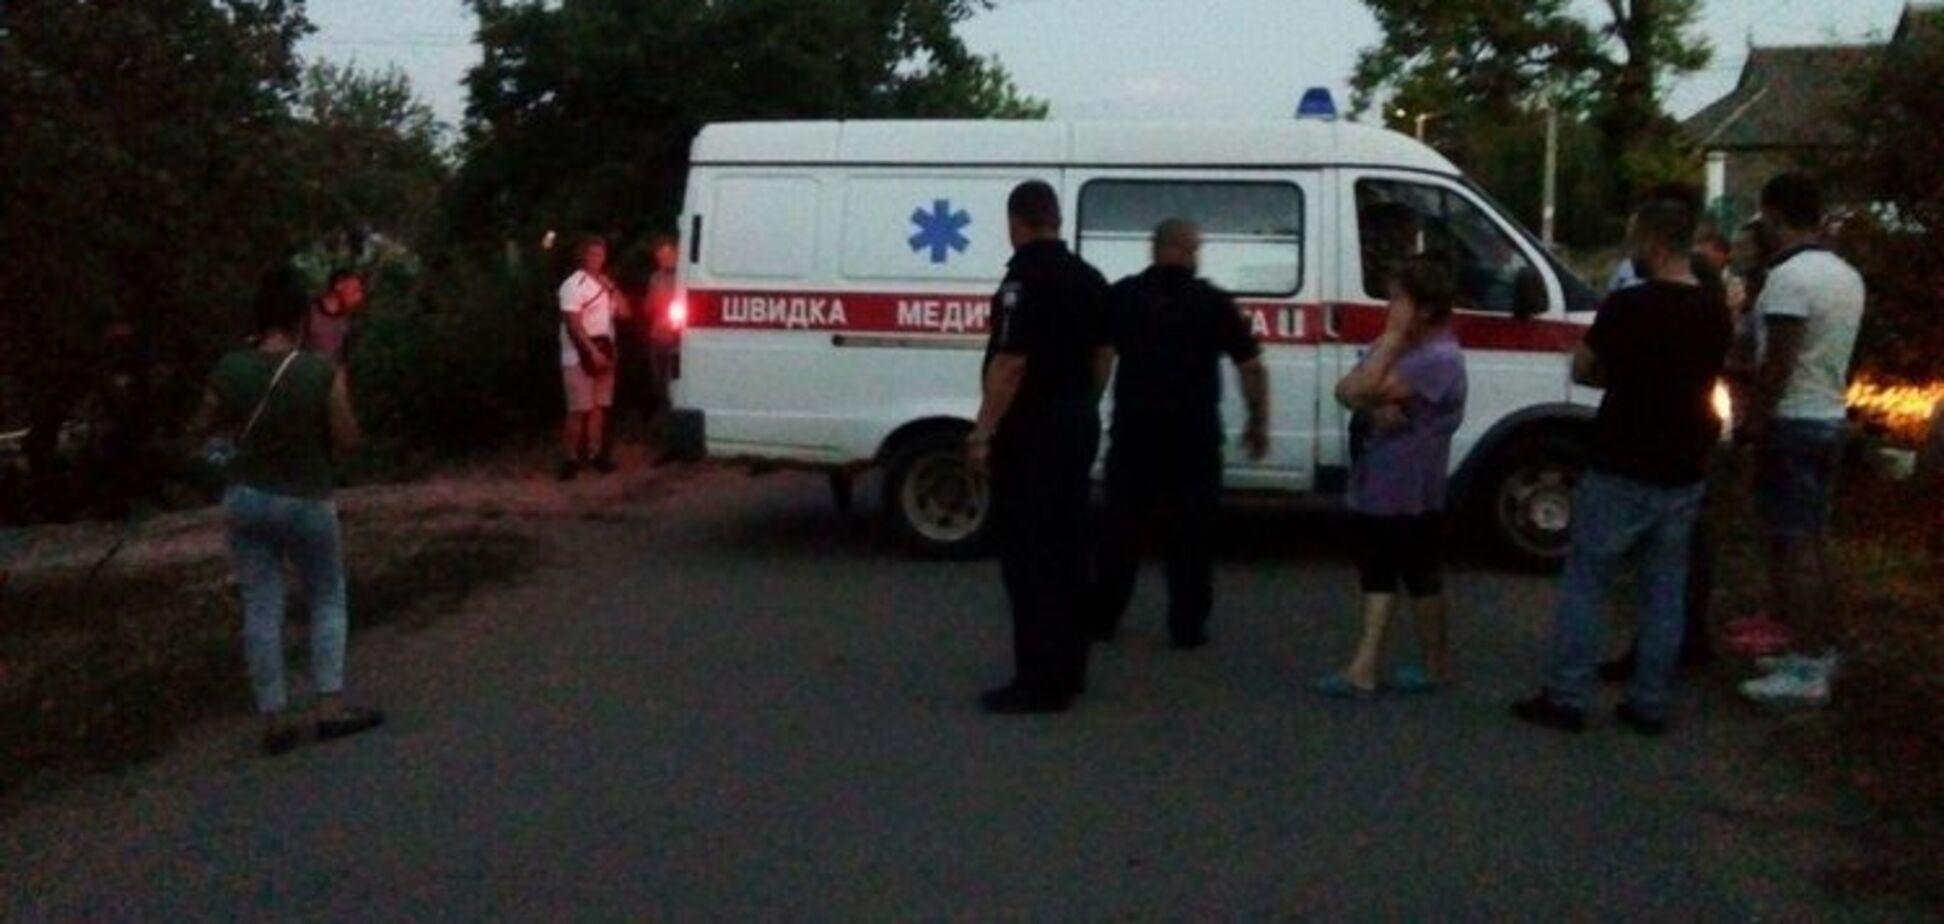 Затворник и лжец: что известно о подозреваемом в убийстве Даши Лукьяненко